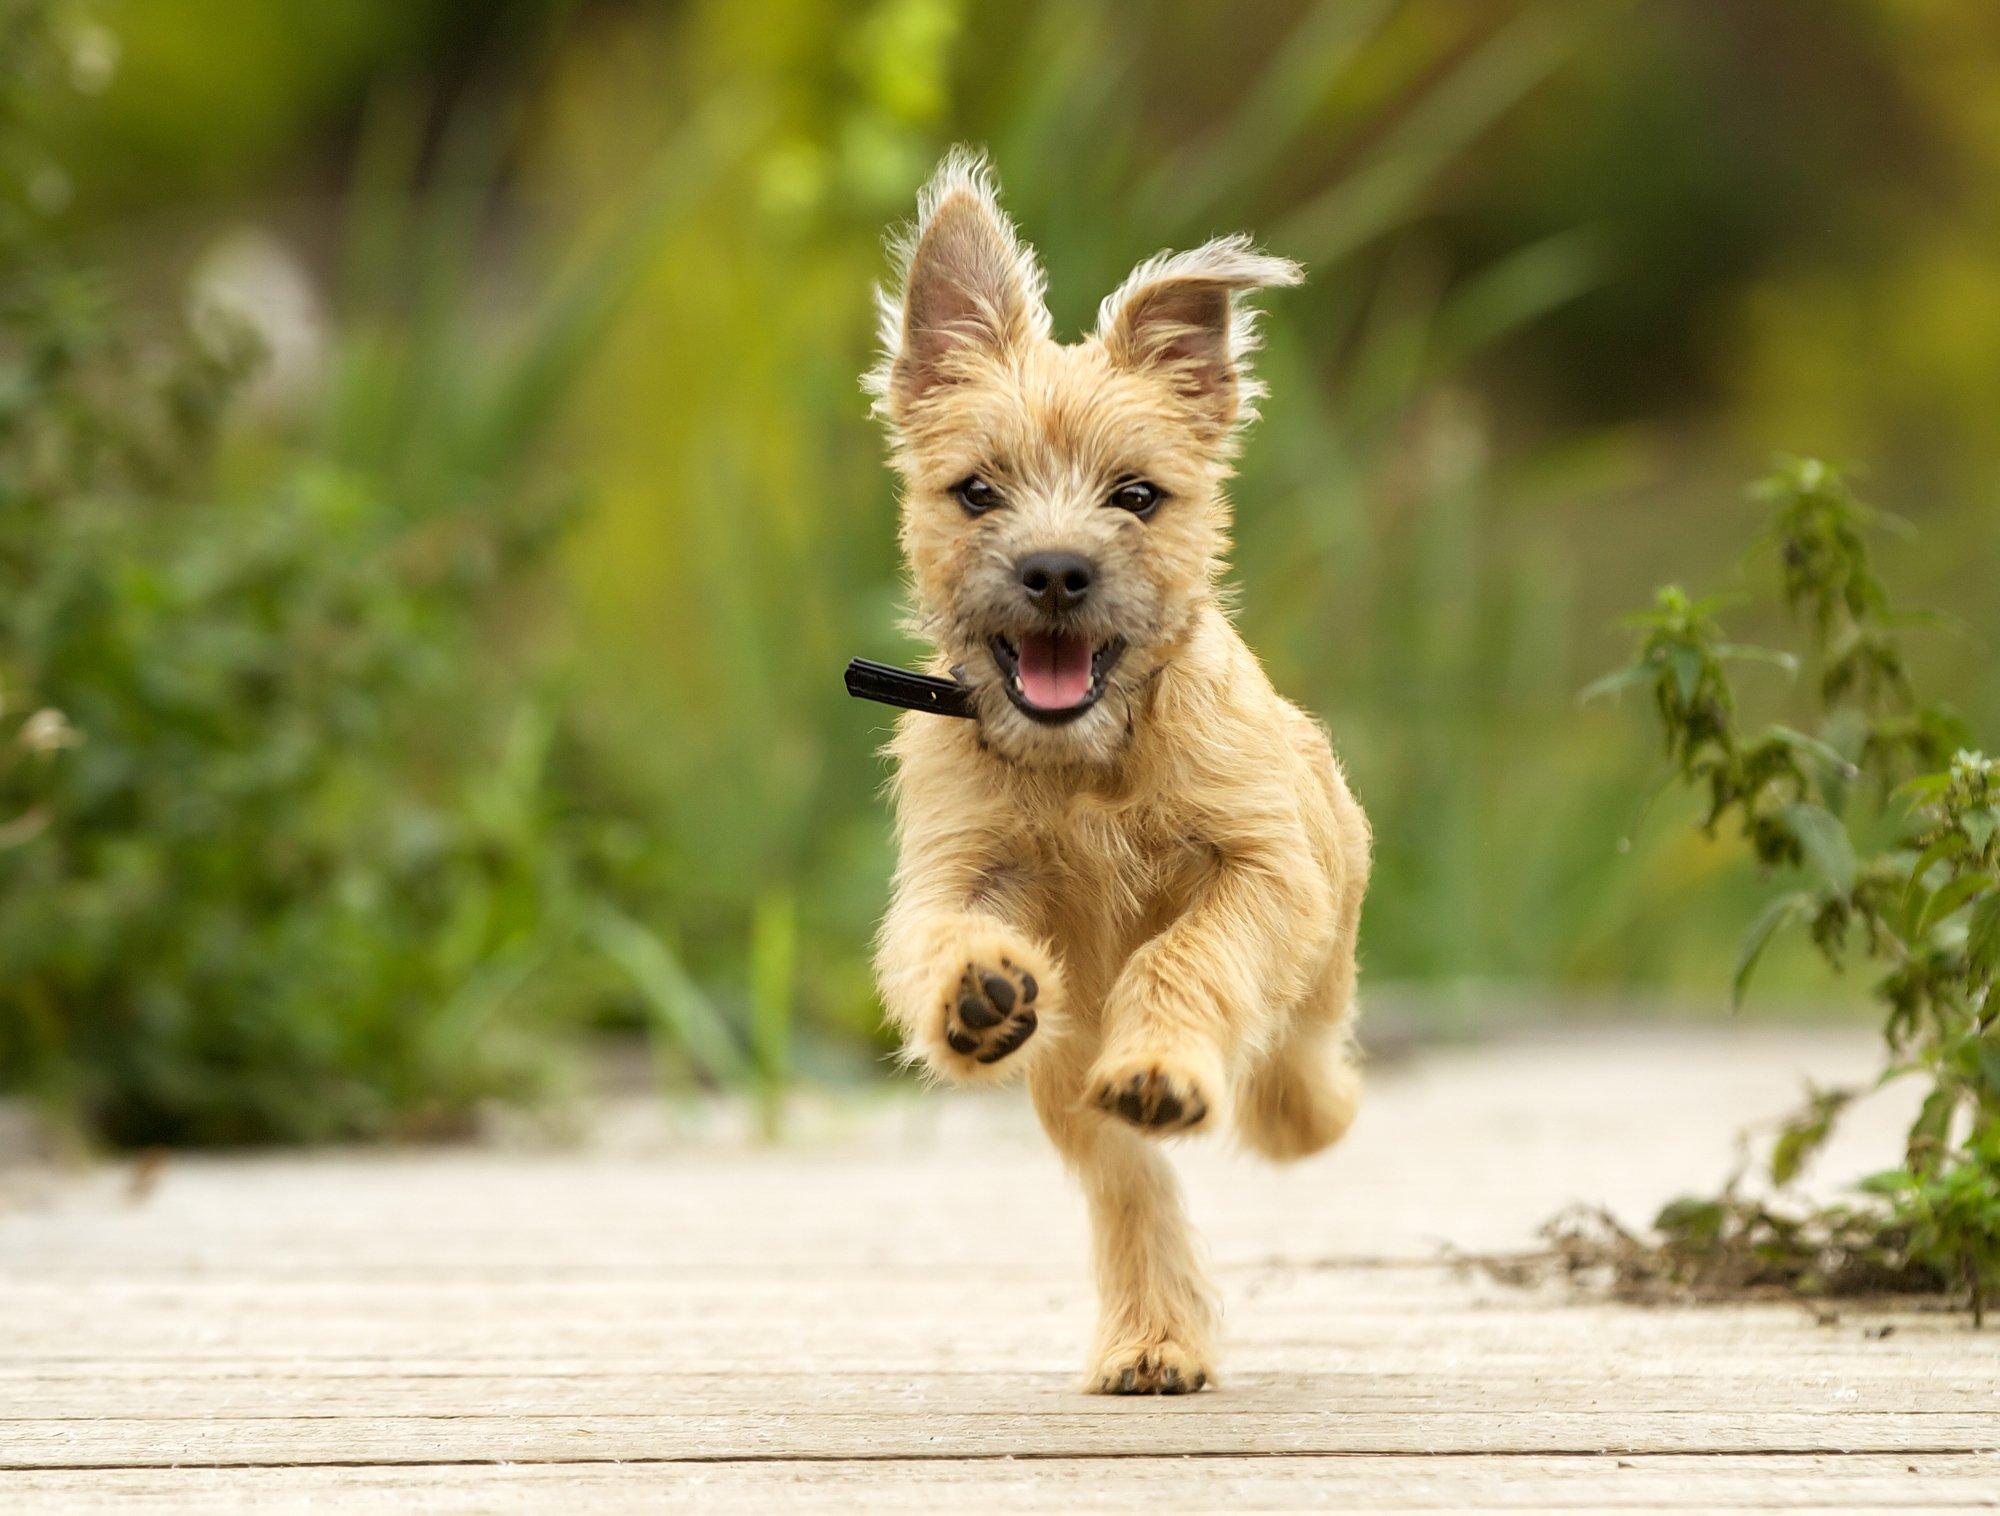 Cairn Terrier pupper running outdoors